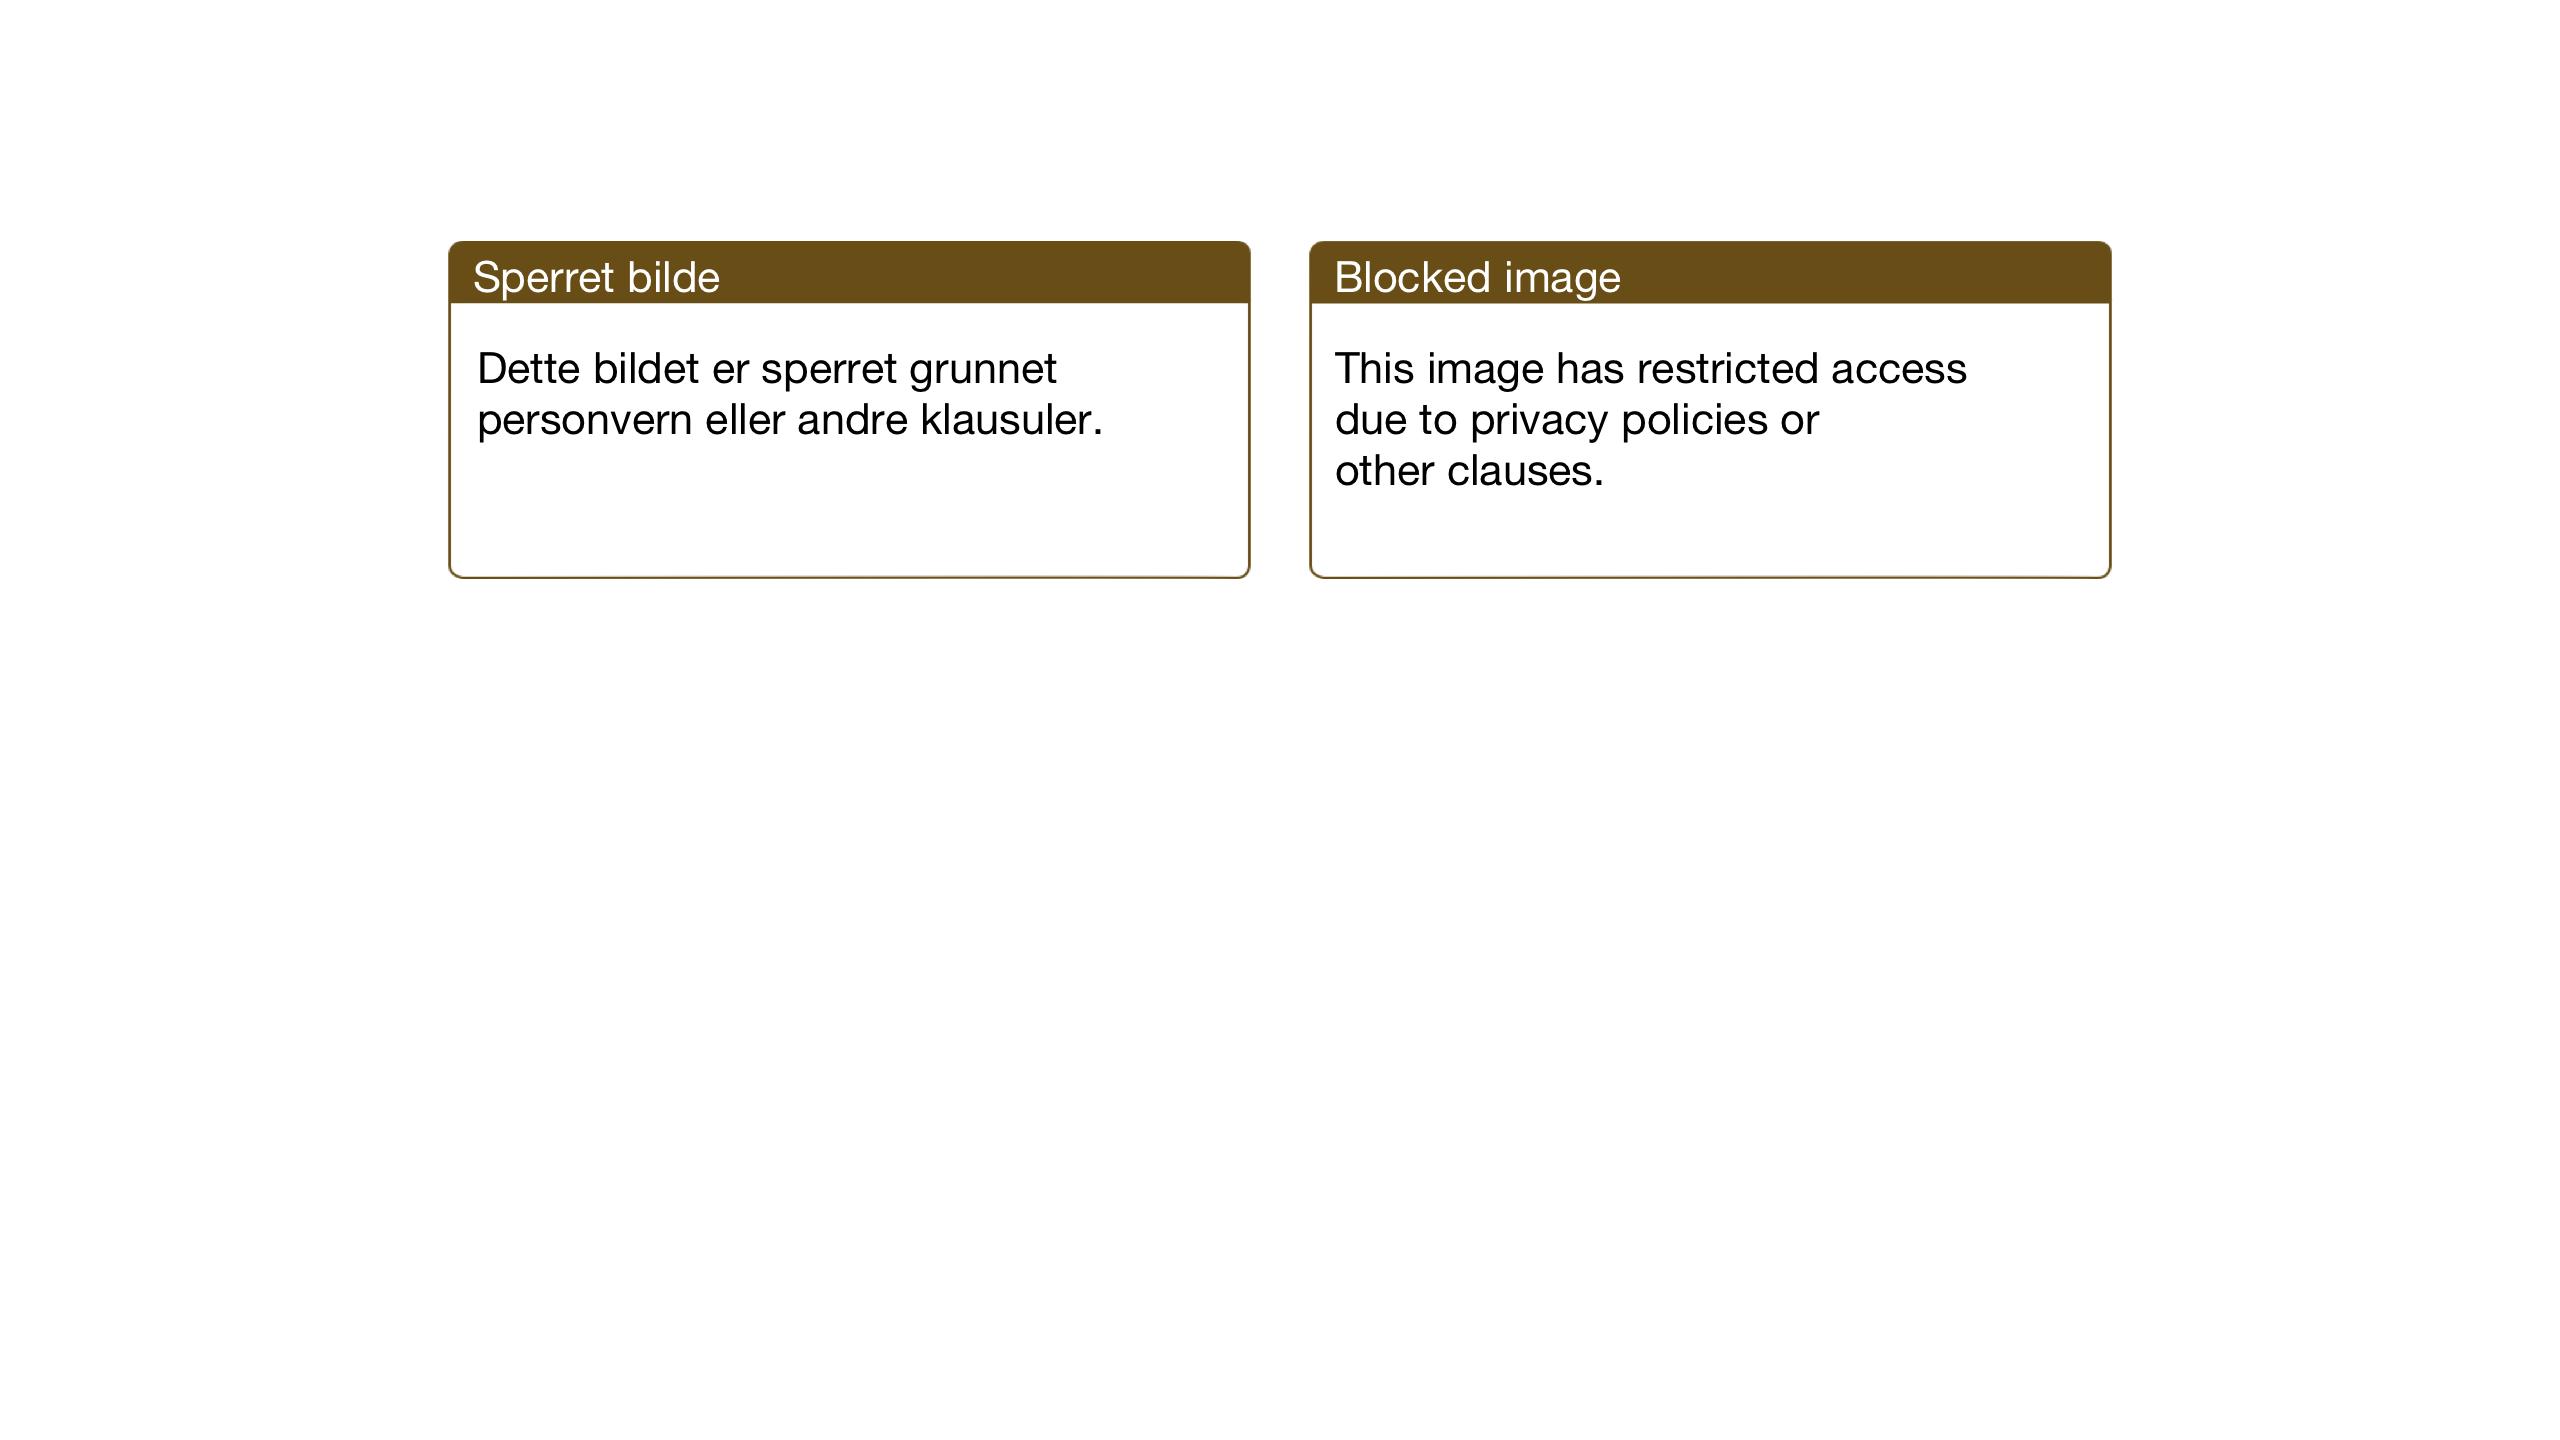 SAT, Ministerialprotokoller, klokkerbøker og fødselsregistre - Sør-Trøndelag, 662/L0758: Klokkerbok nr. 662C03, 1918-1948, s. 50